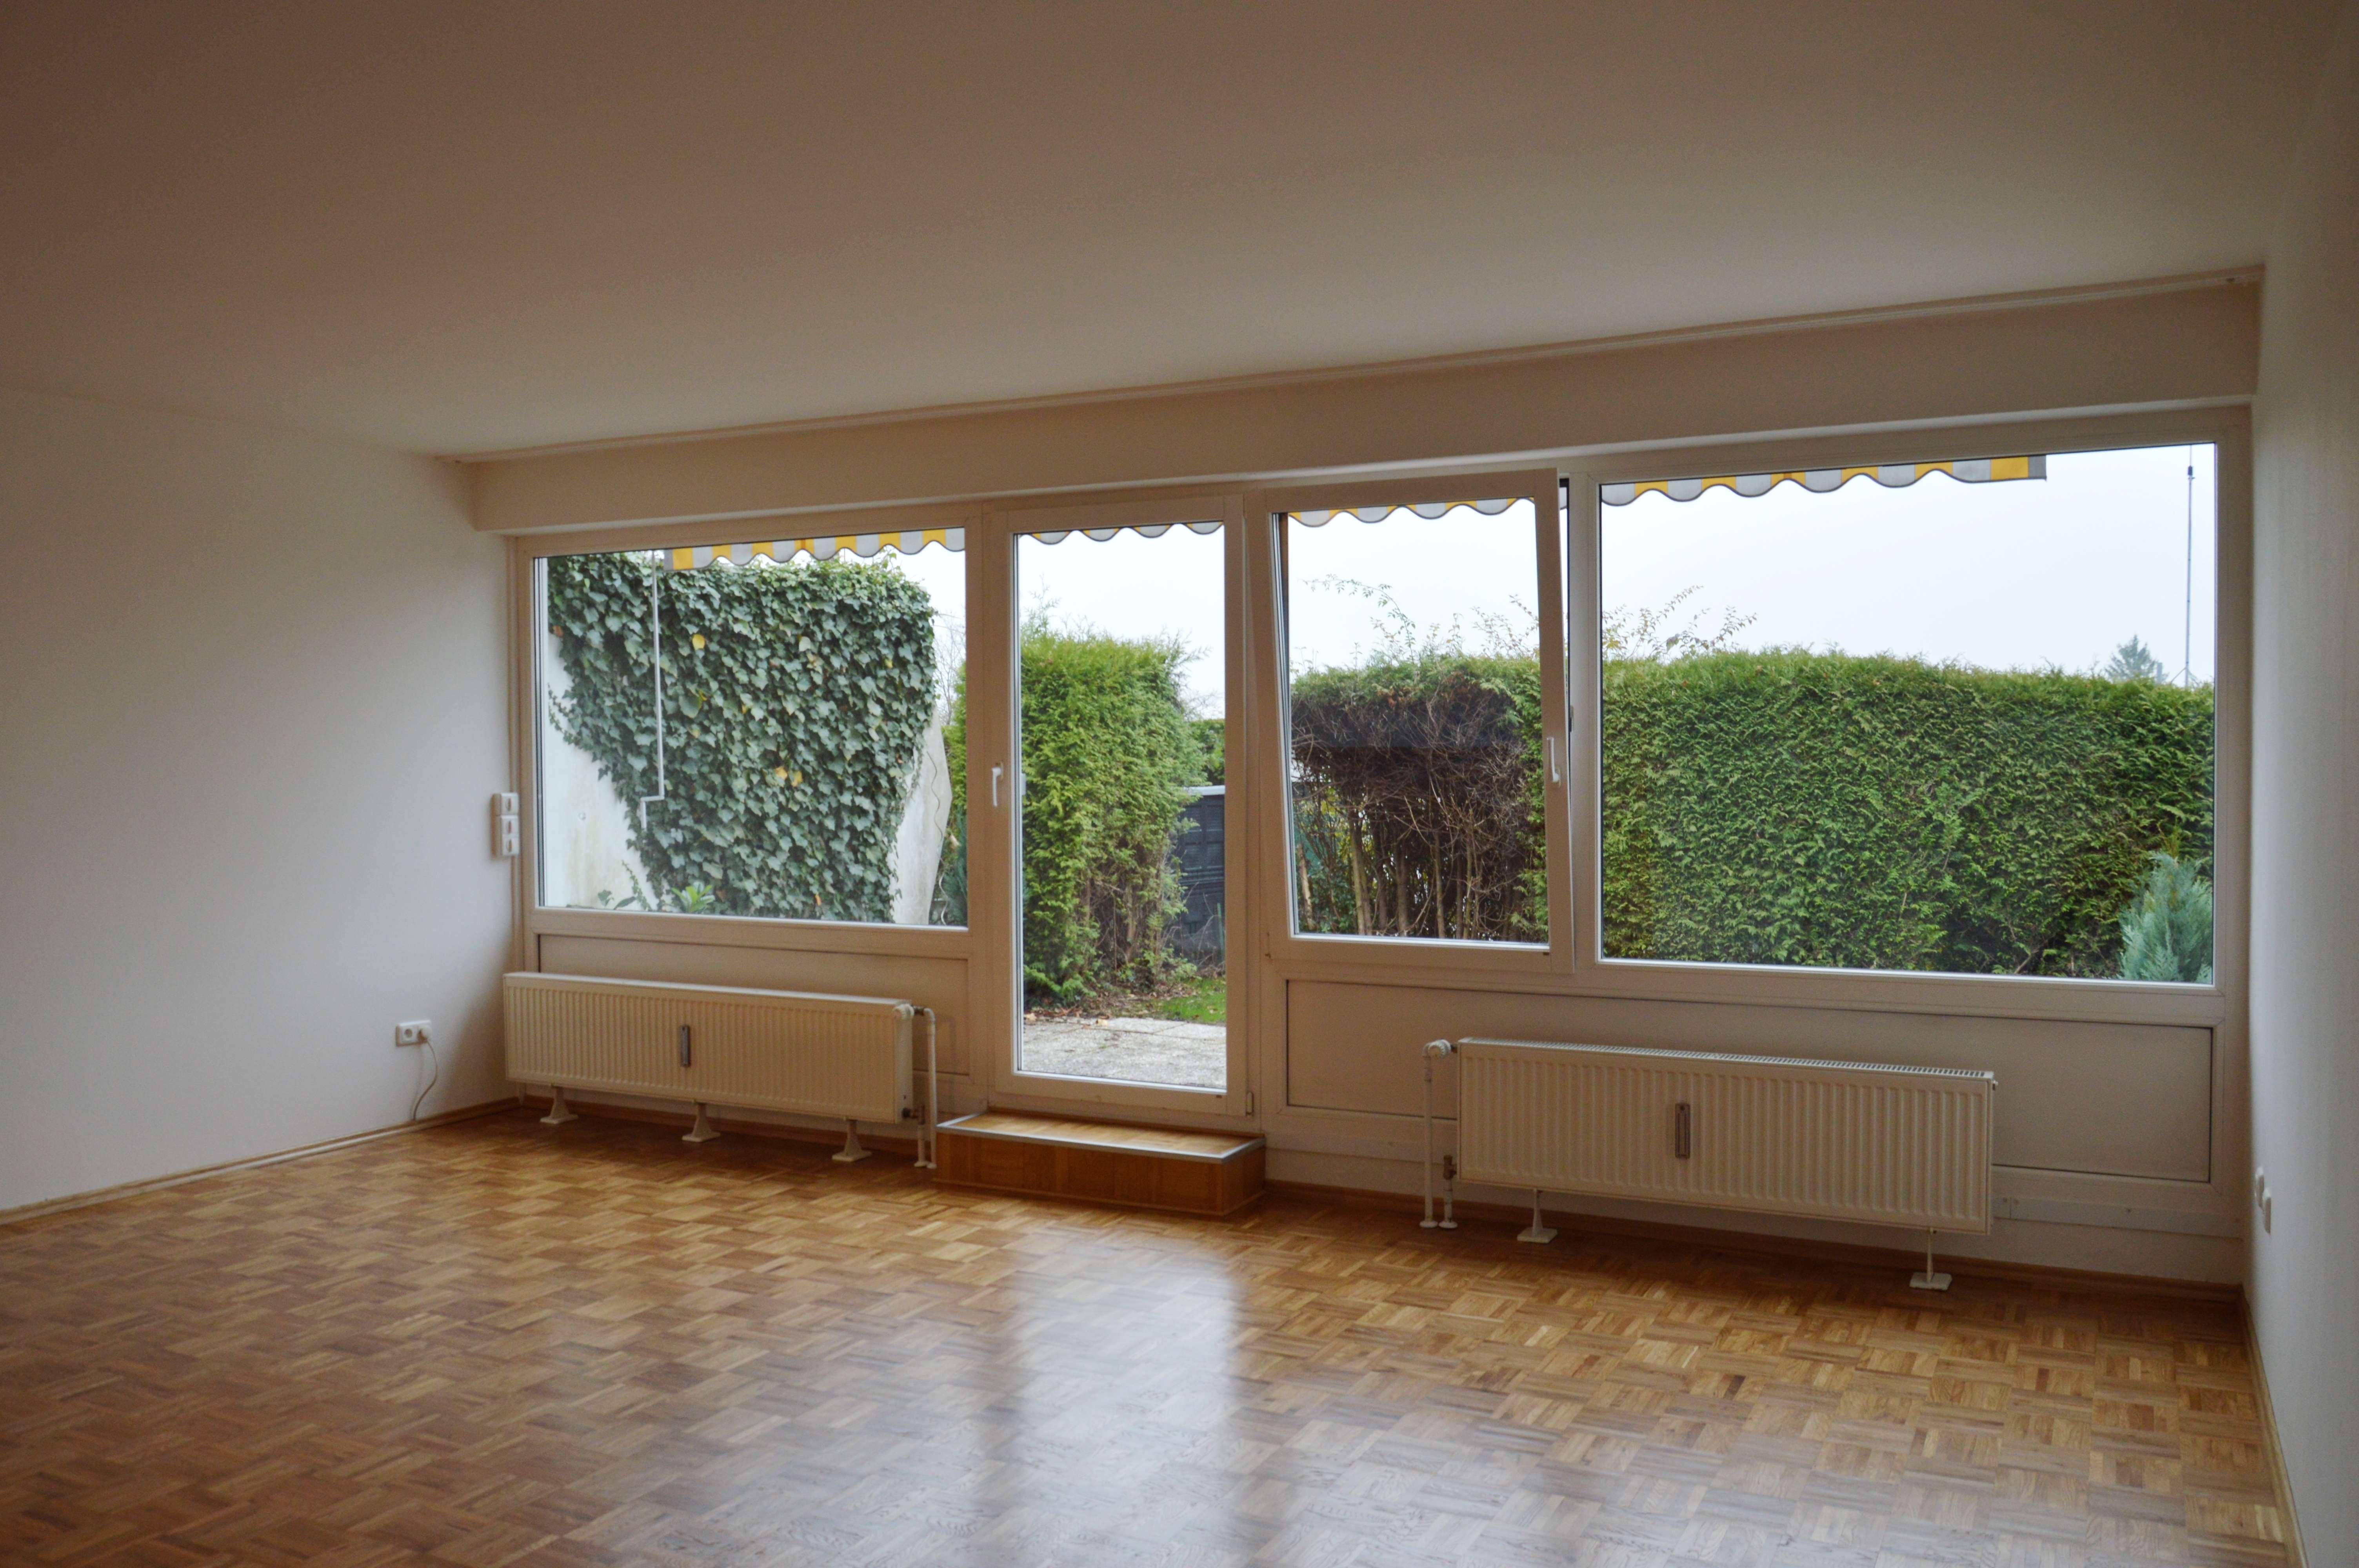 *Steinebach* Vermietung einer schicken 1-Zimmer-Wohnung mit separater Küche und großer Dachterrasse in Wörthsee